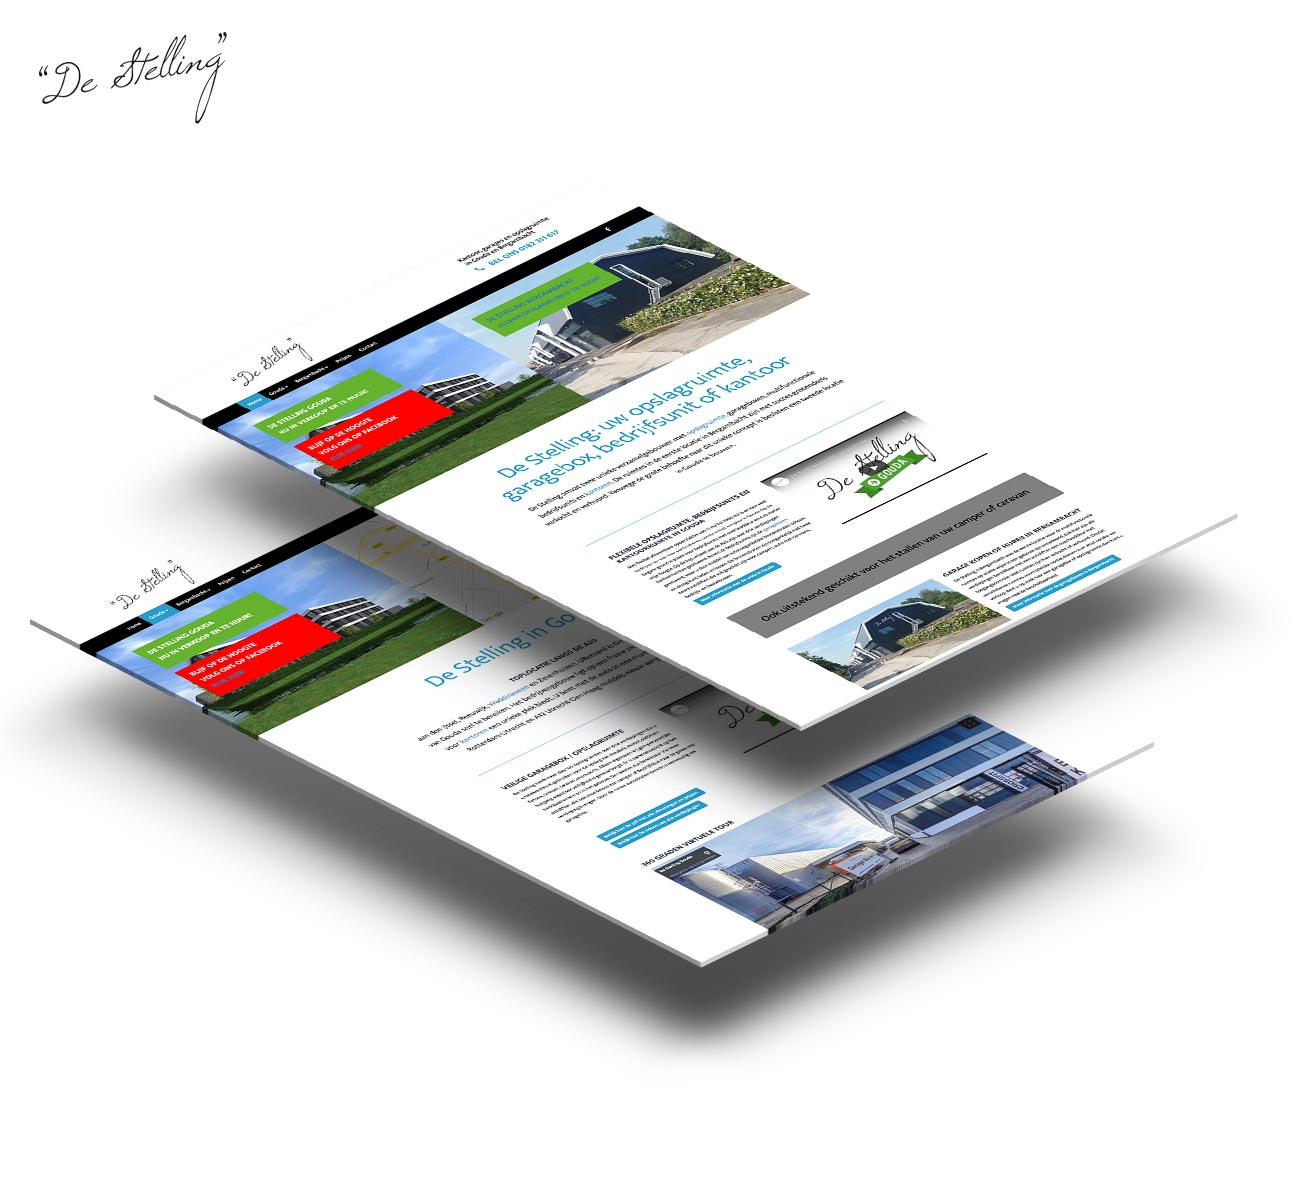 De stelling website